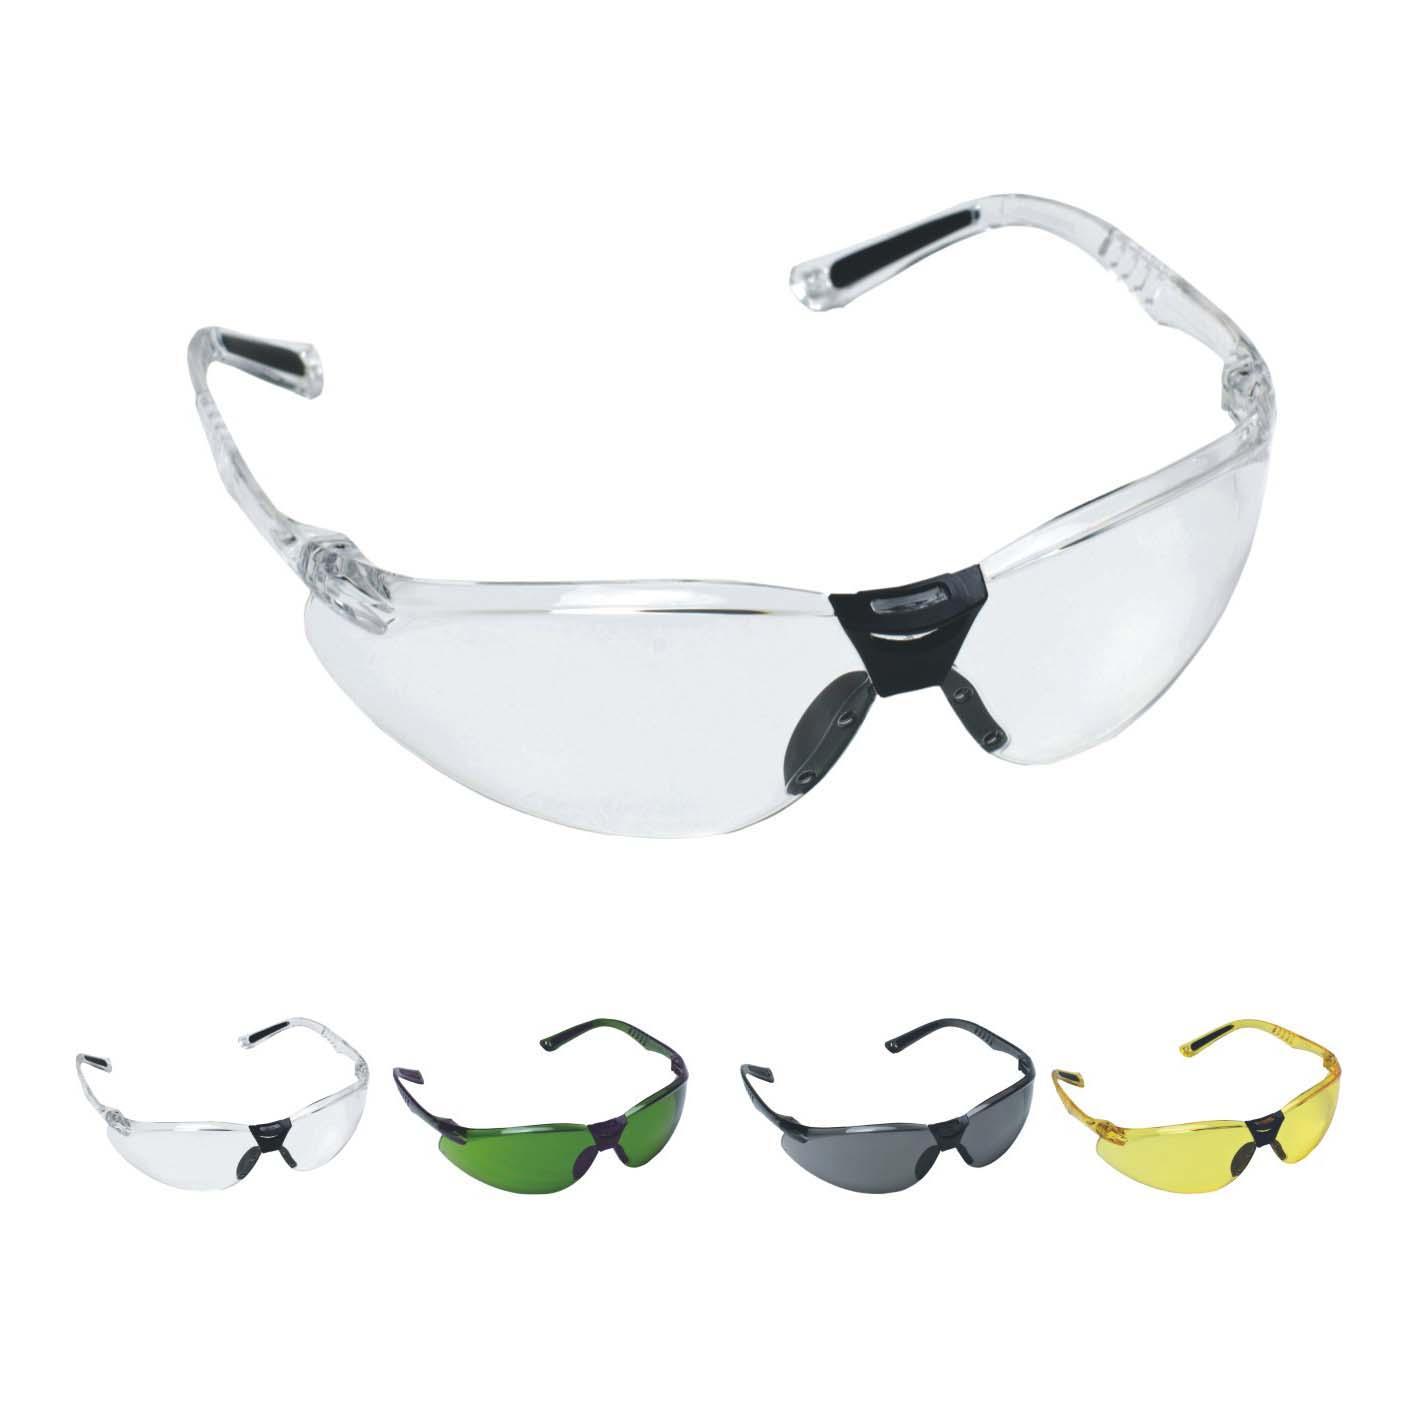 83b6ad504dd4d Óculos de Segurança Cayman - Carbografite